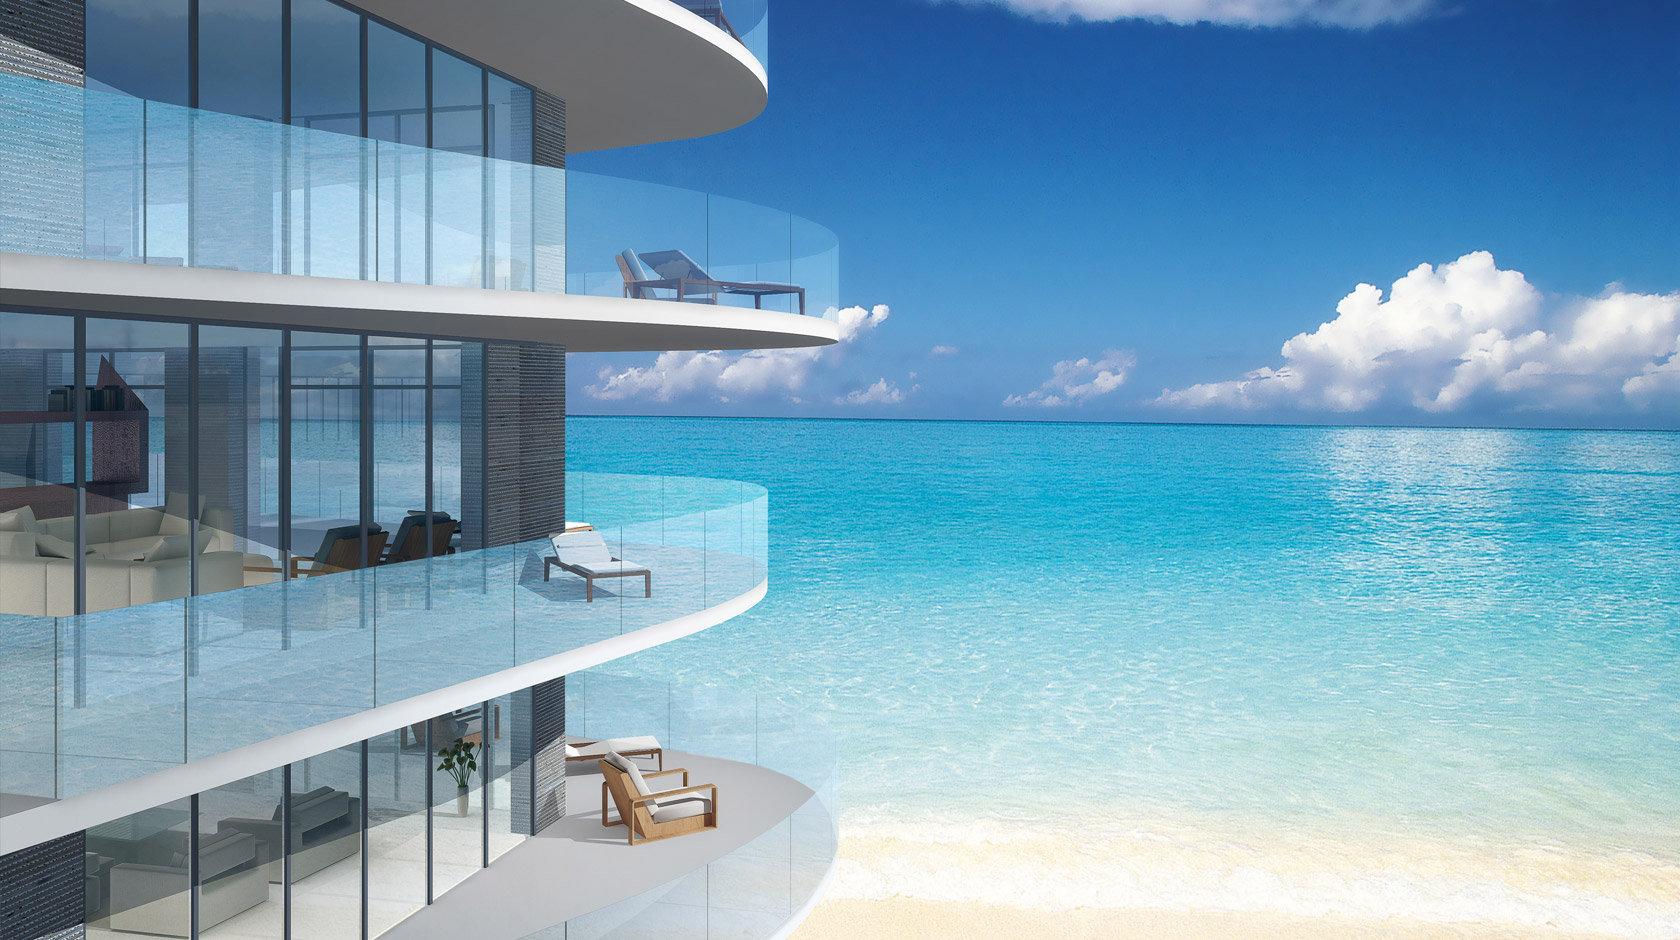 Vacation Rental Walk-through Estimate